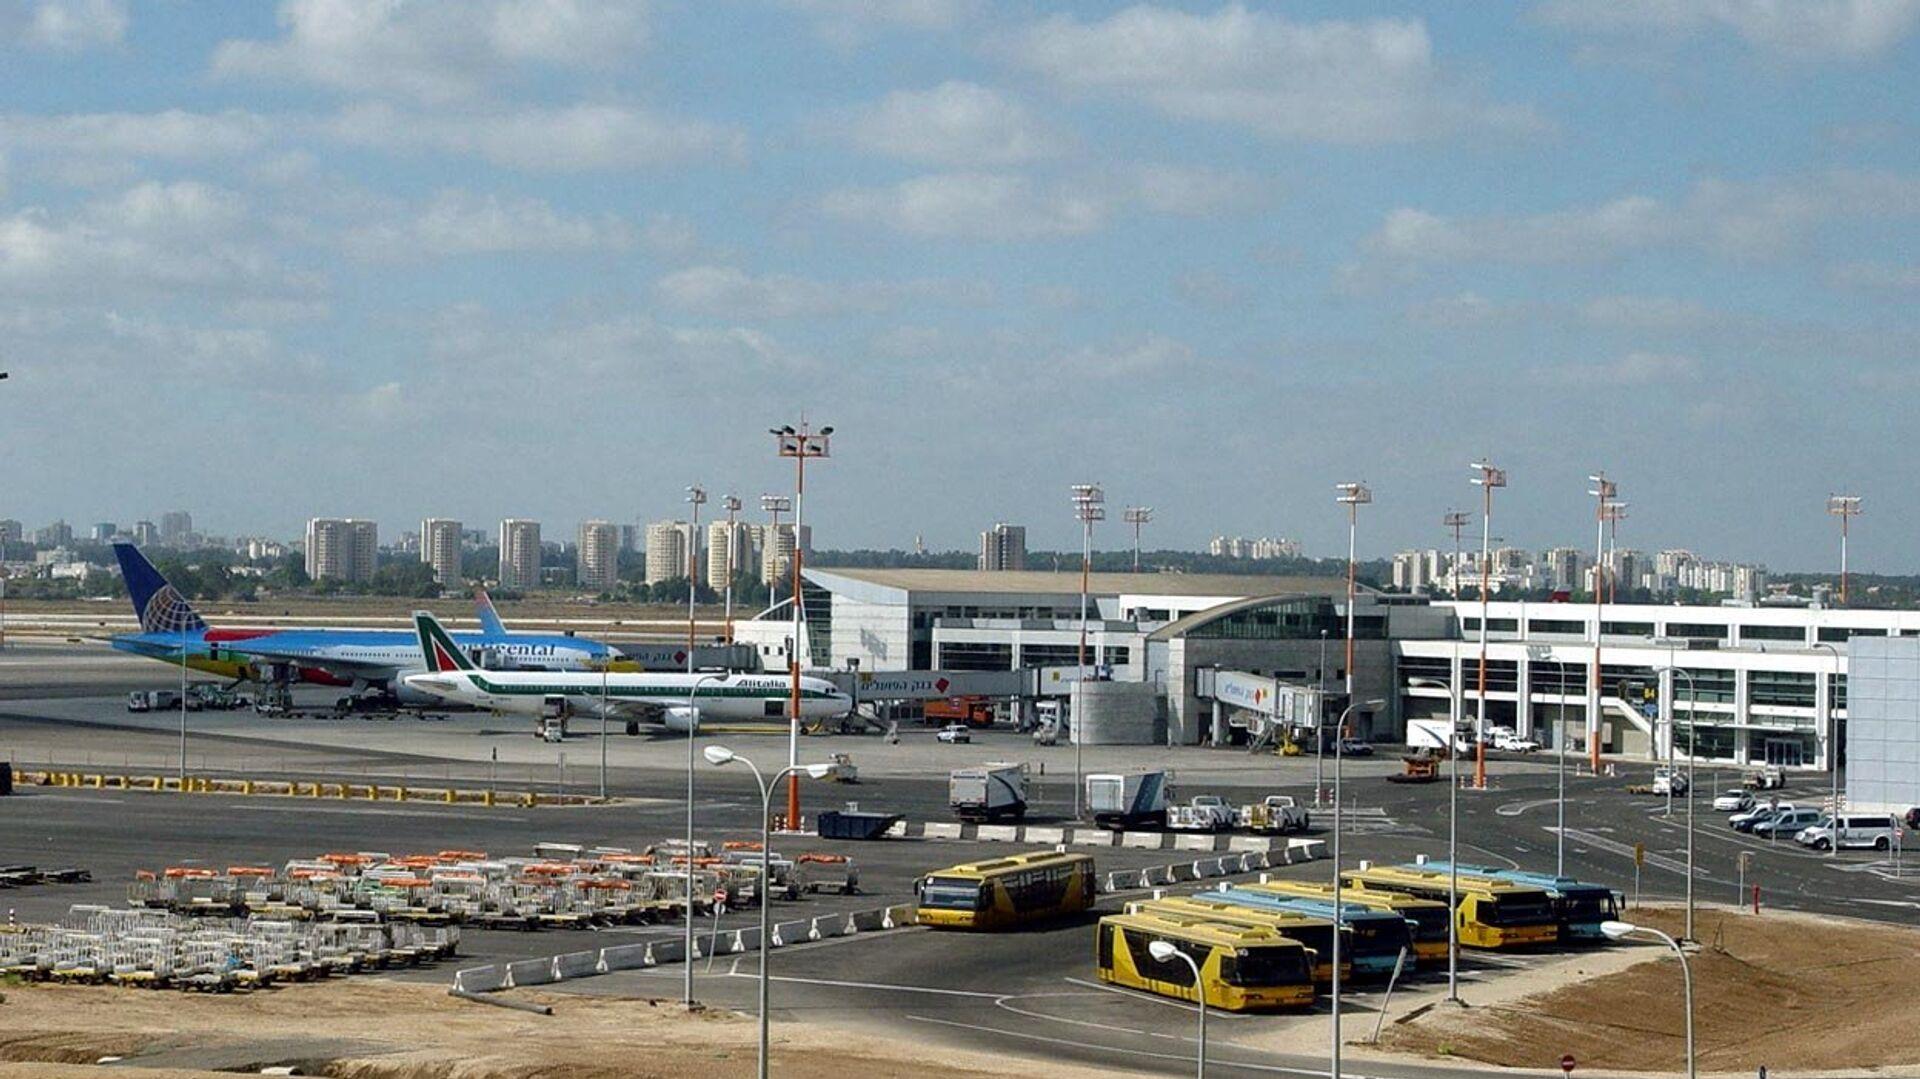 Аэропорт имени Давида Бен-Гуриона в Тель-Авиве - РИА Новости, 1920, 08.03.2021